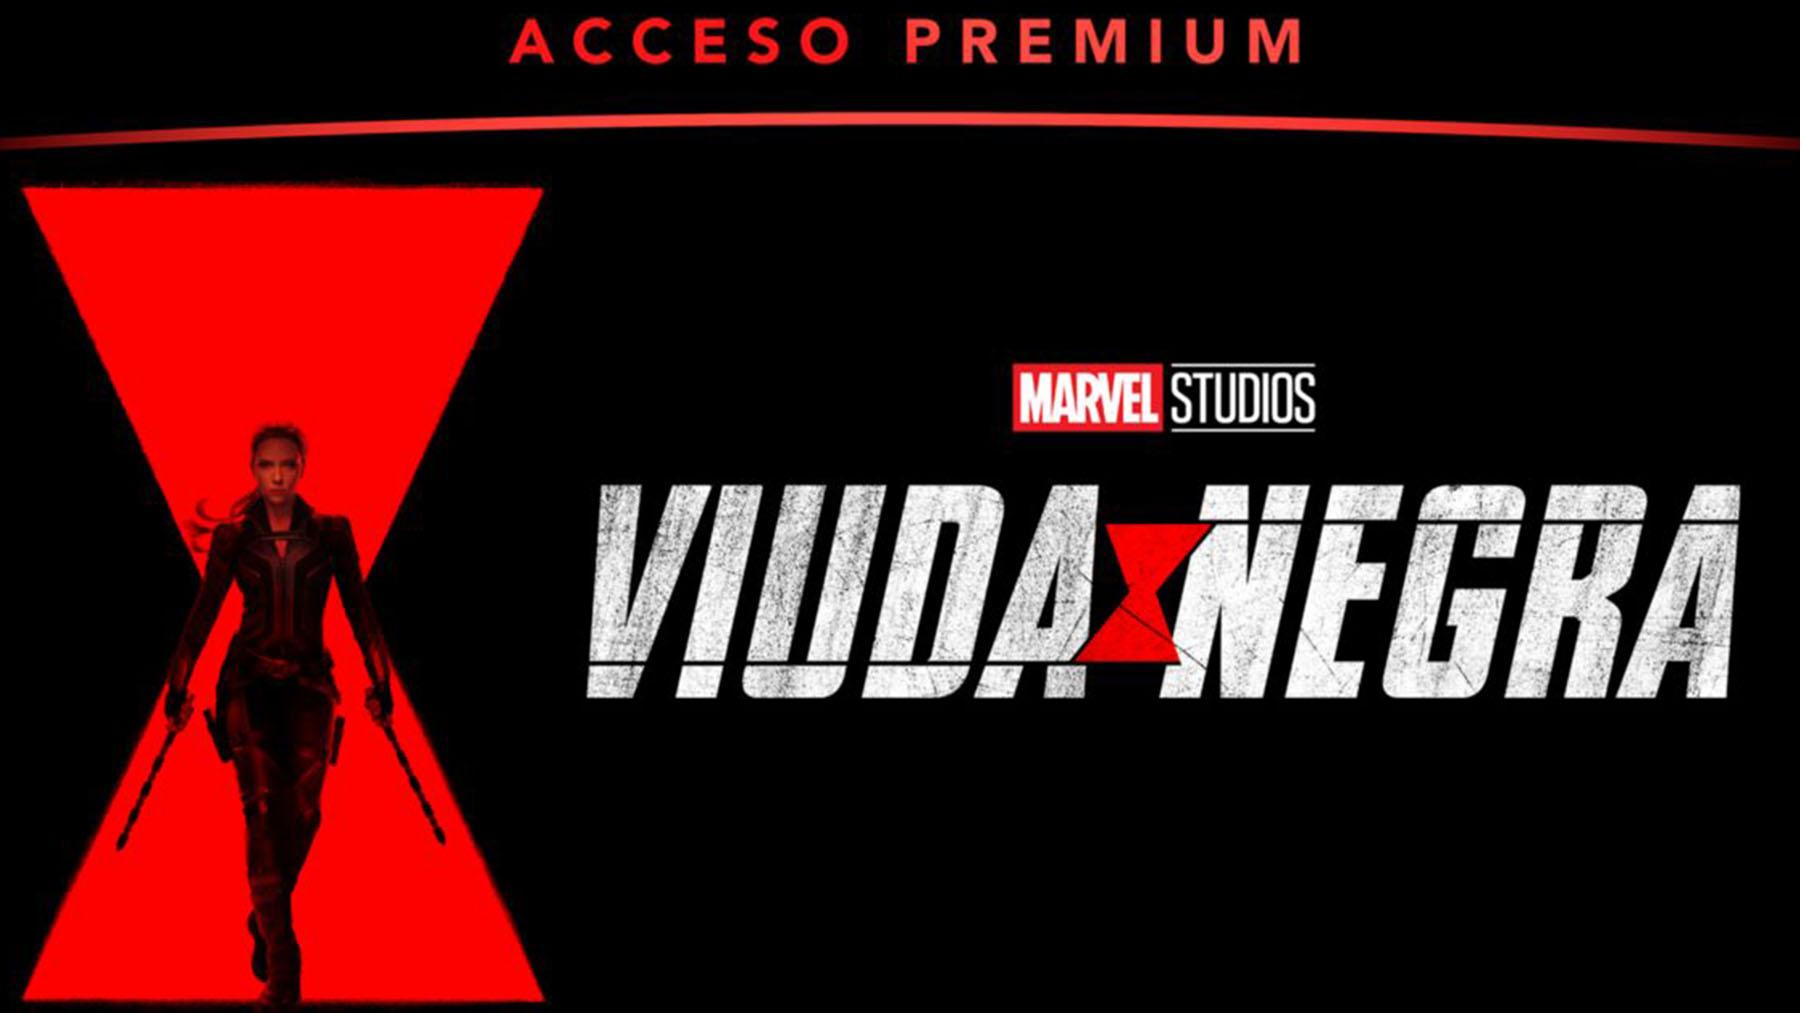 «Viuda Negra» (Disney plus Acceso Premium)